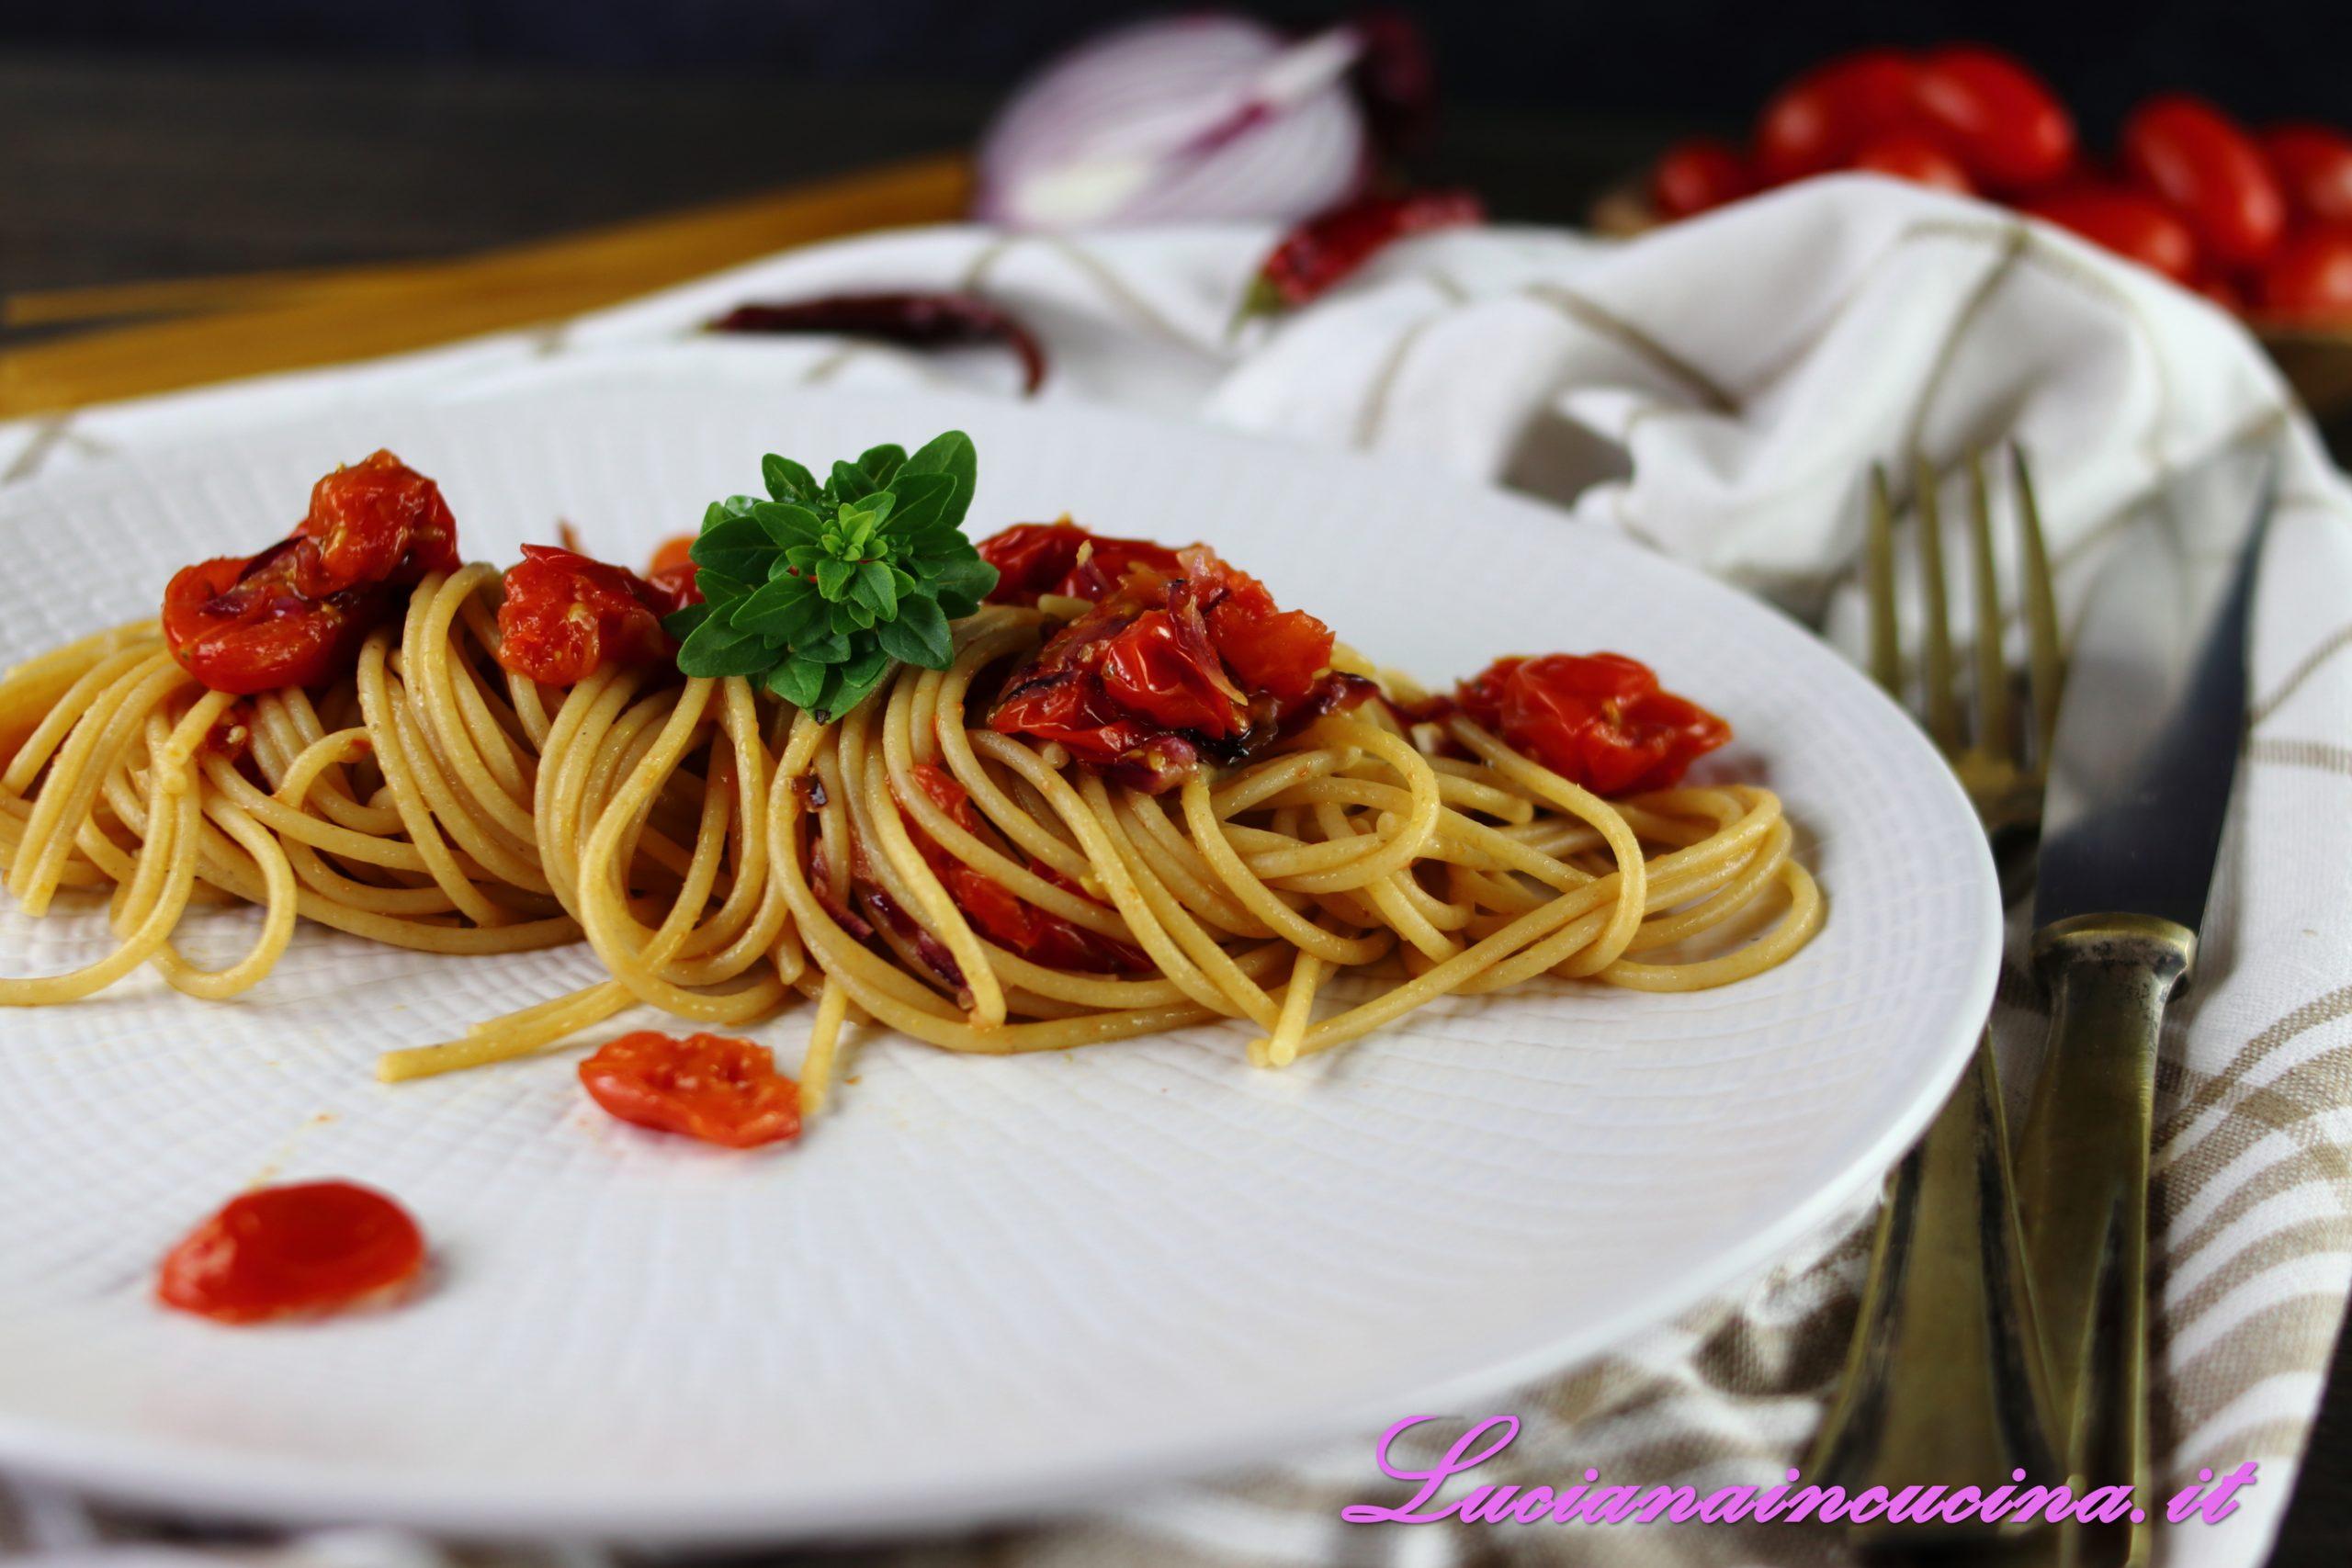 Spaghetti integrali con pomodorini al forno